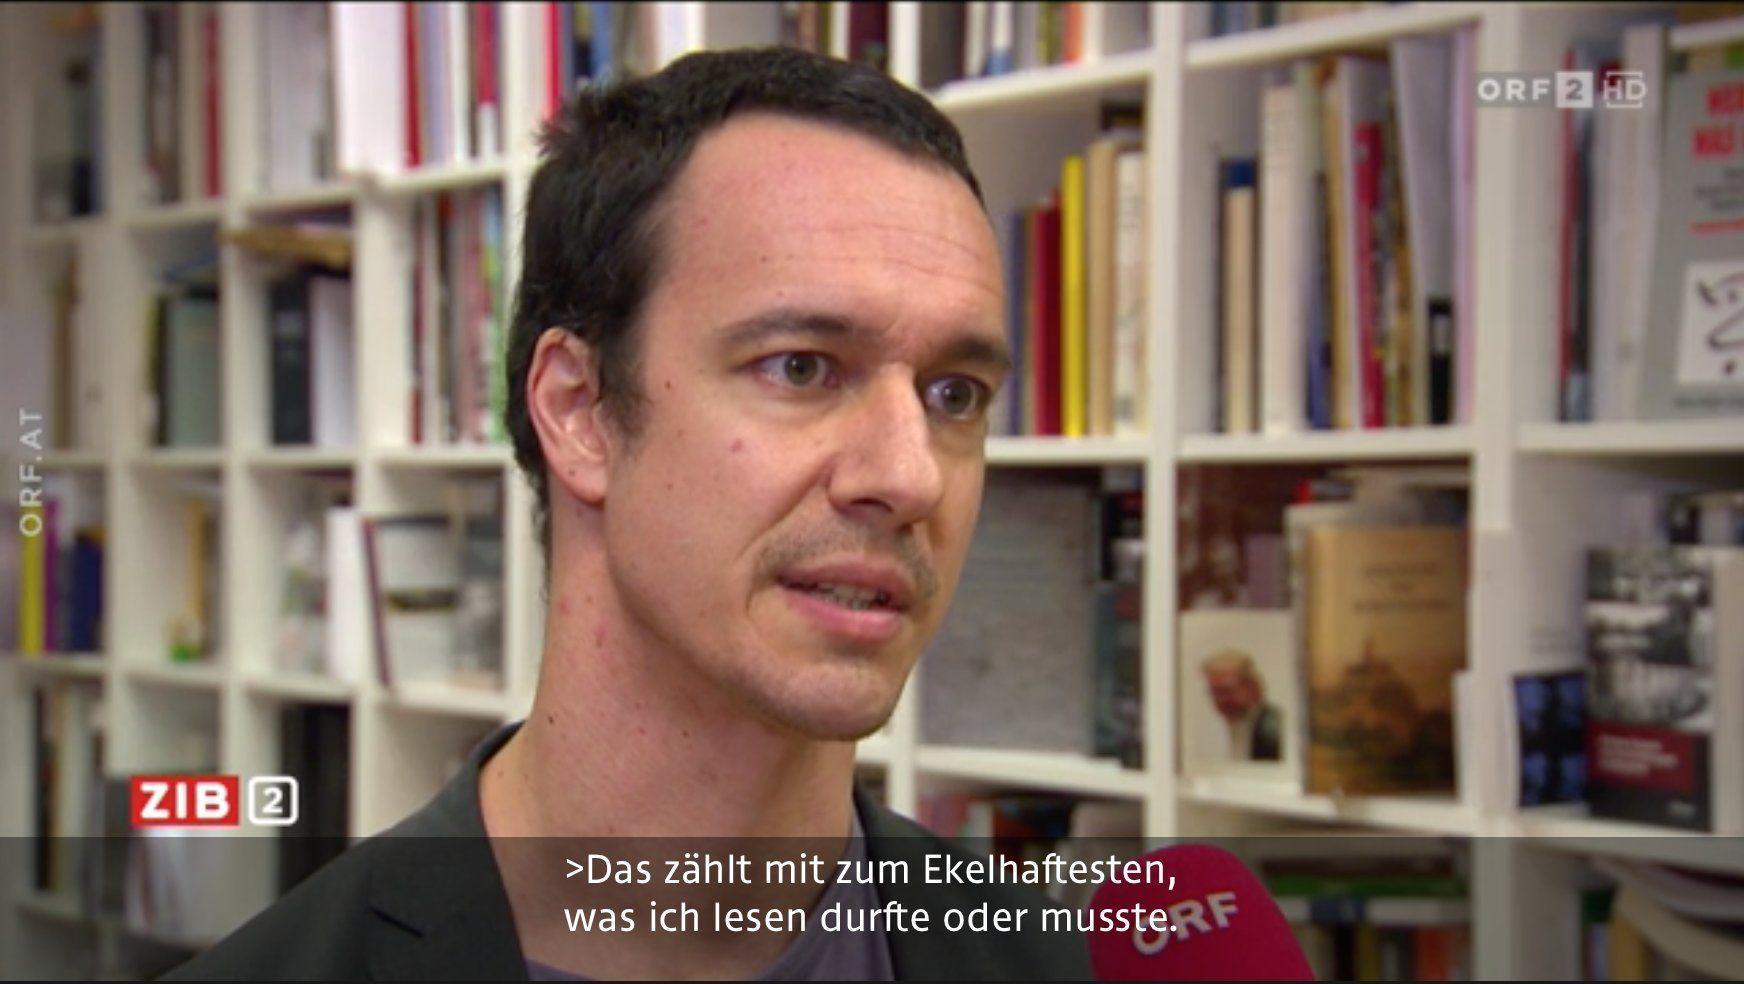 """Bernhard Weidinger (DÖW) über das Liederbuch des Corps Austria Knittelfeld: """"Das zählt (…) tatsächlich mit zum Ekelhaftesten, was ich in den vielen Jahren meiner Beschäftigung mit rechtsextremen Texten lesen durfte oder musste."""""""